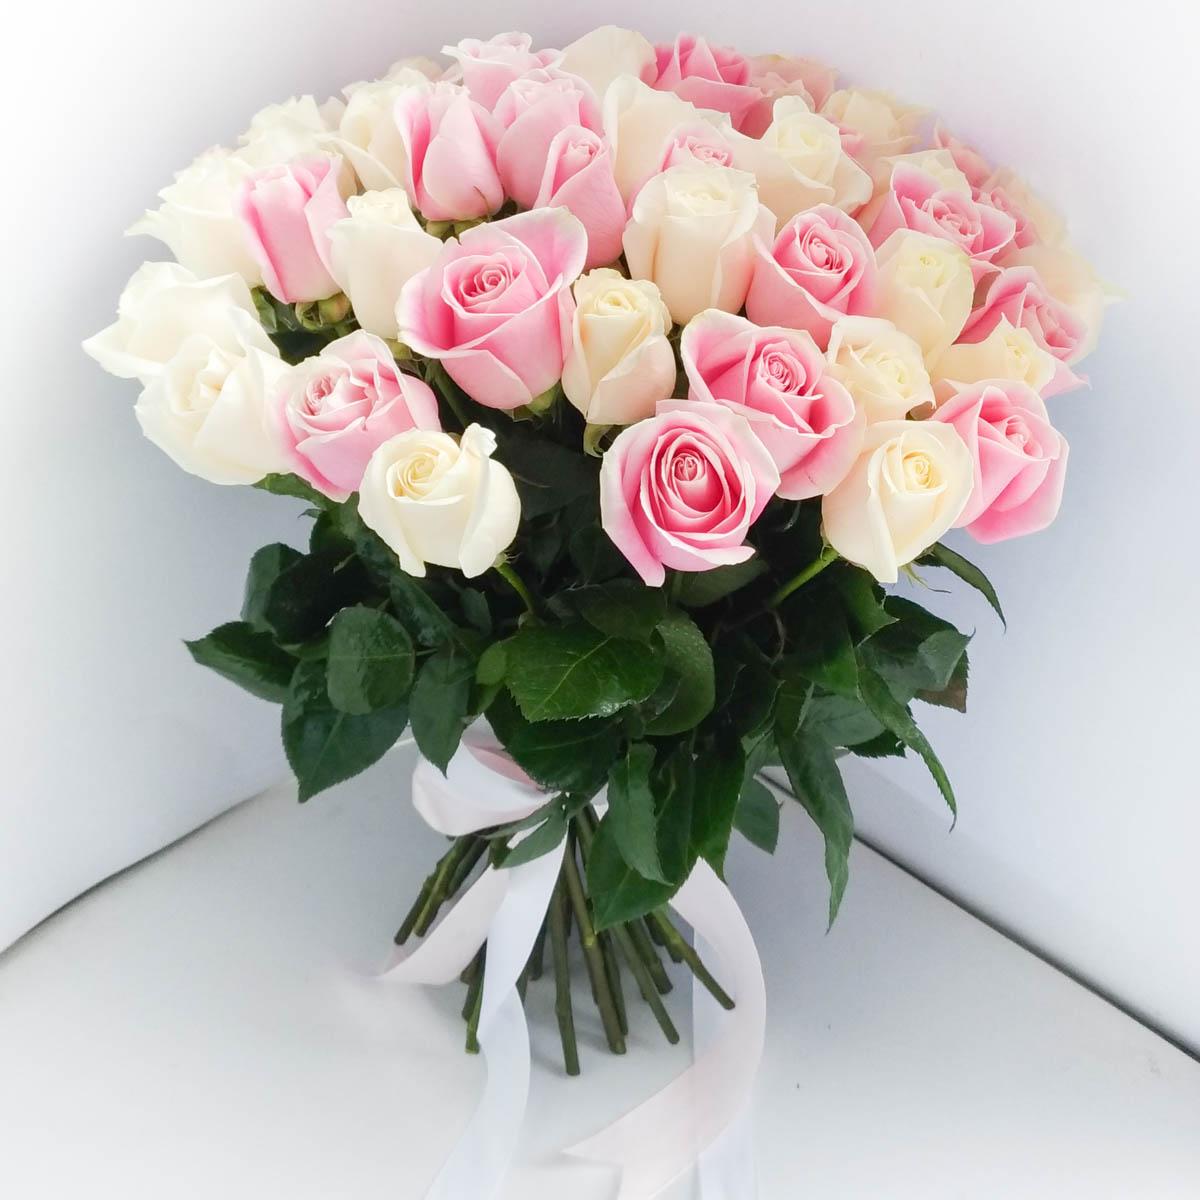 хорошо дополняет букет из белых и розовых роз картинки руках